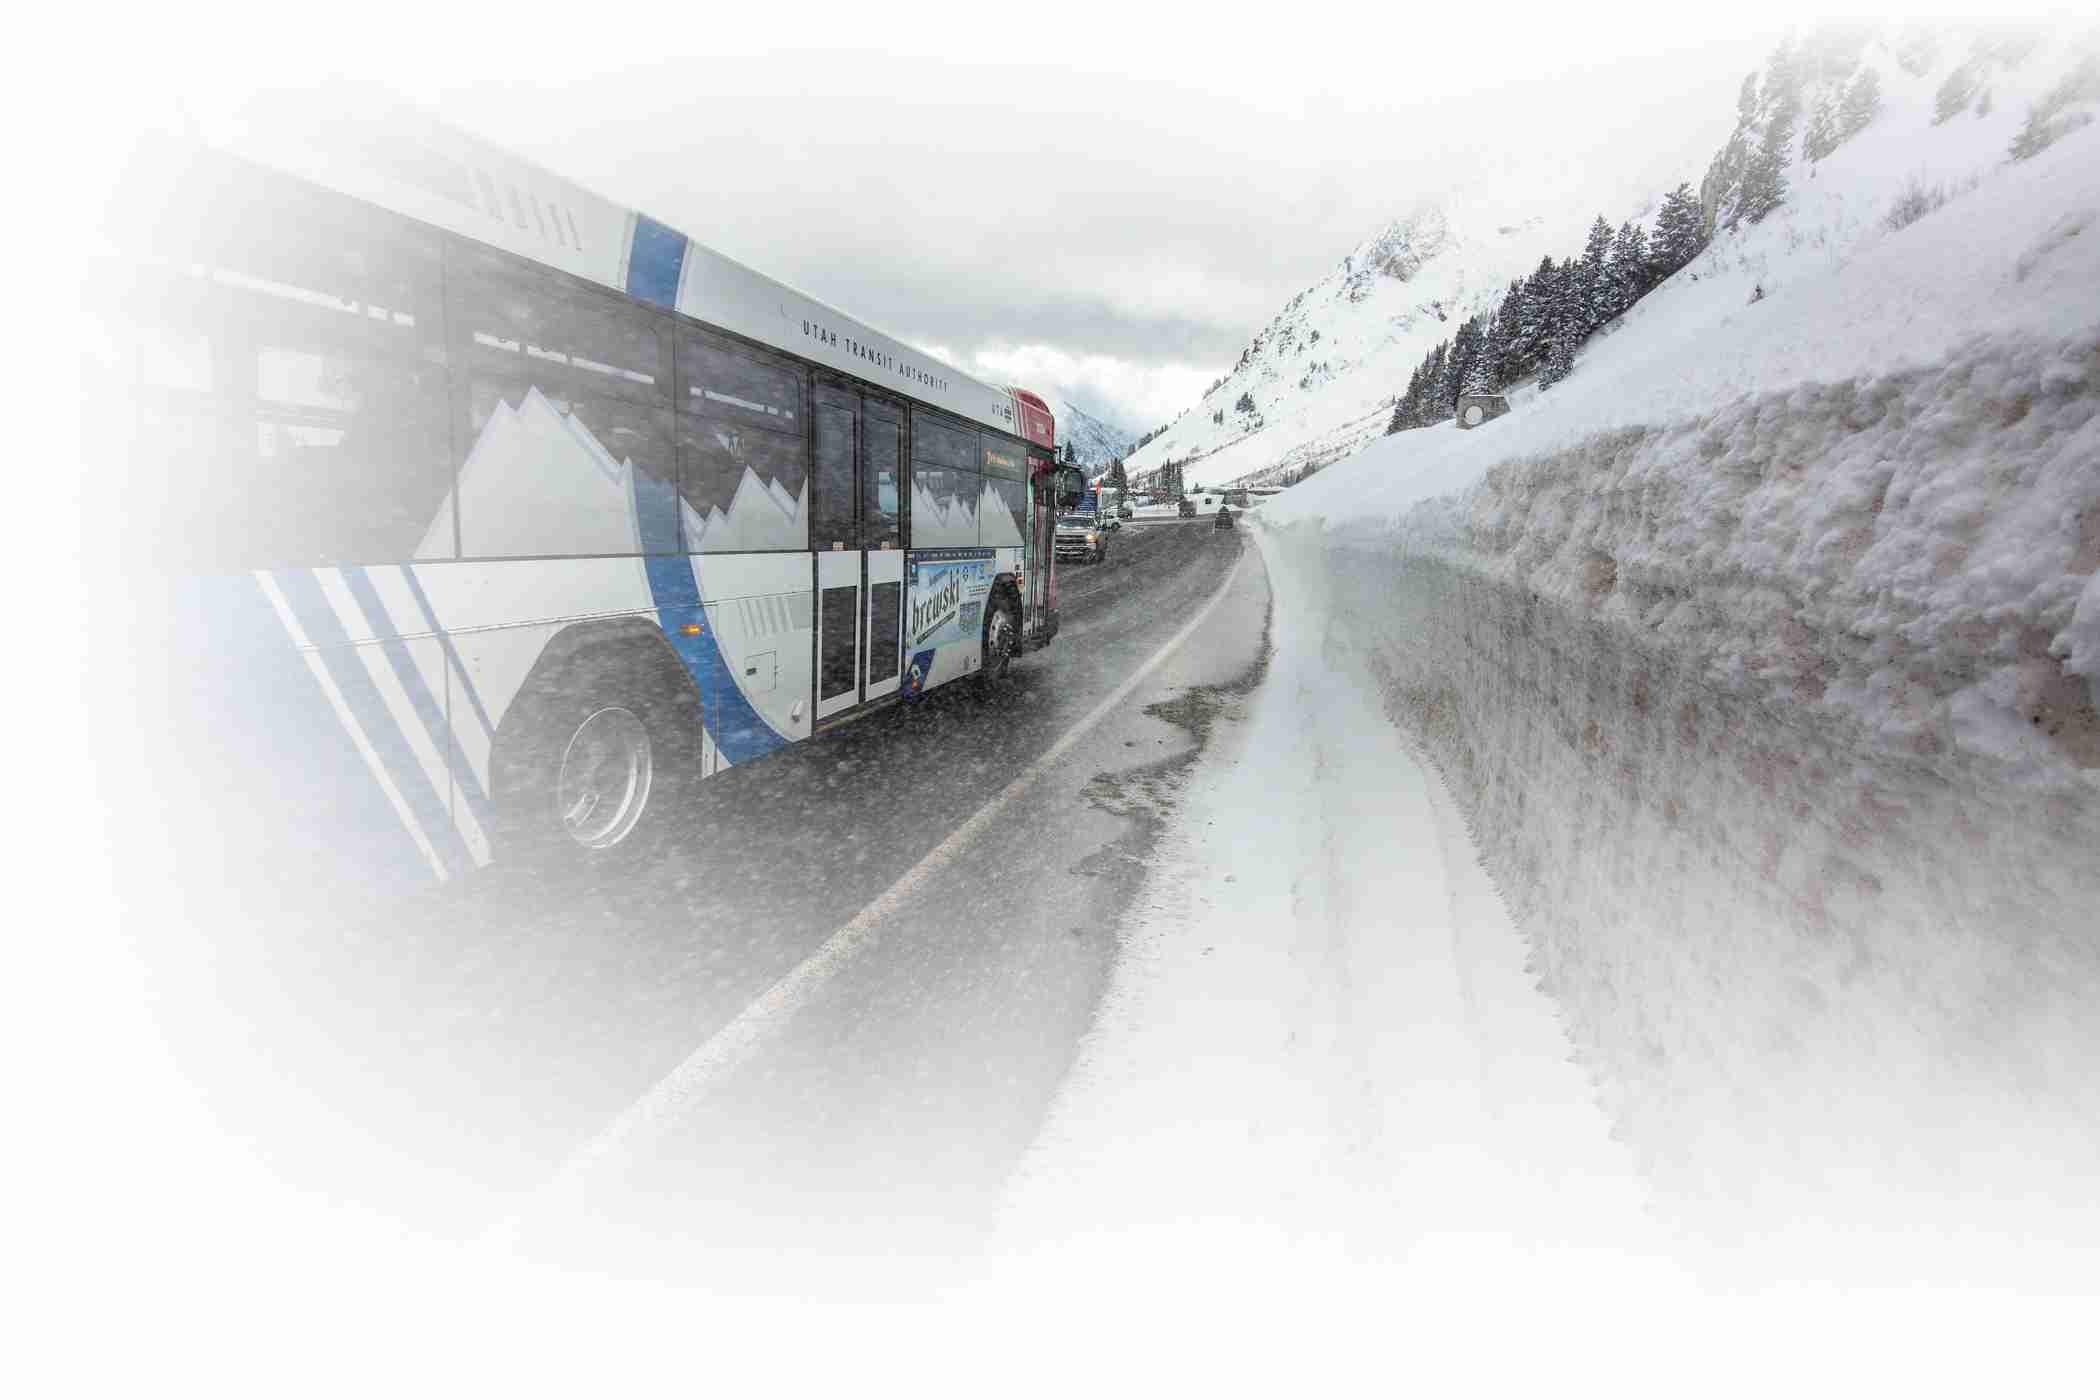 The UTA Ski Bus whisks skiers to Alta Ski Area